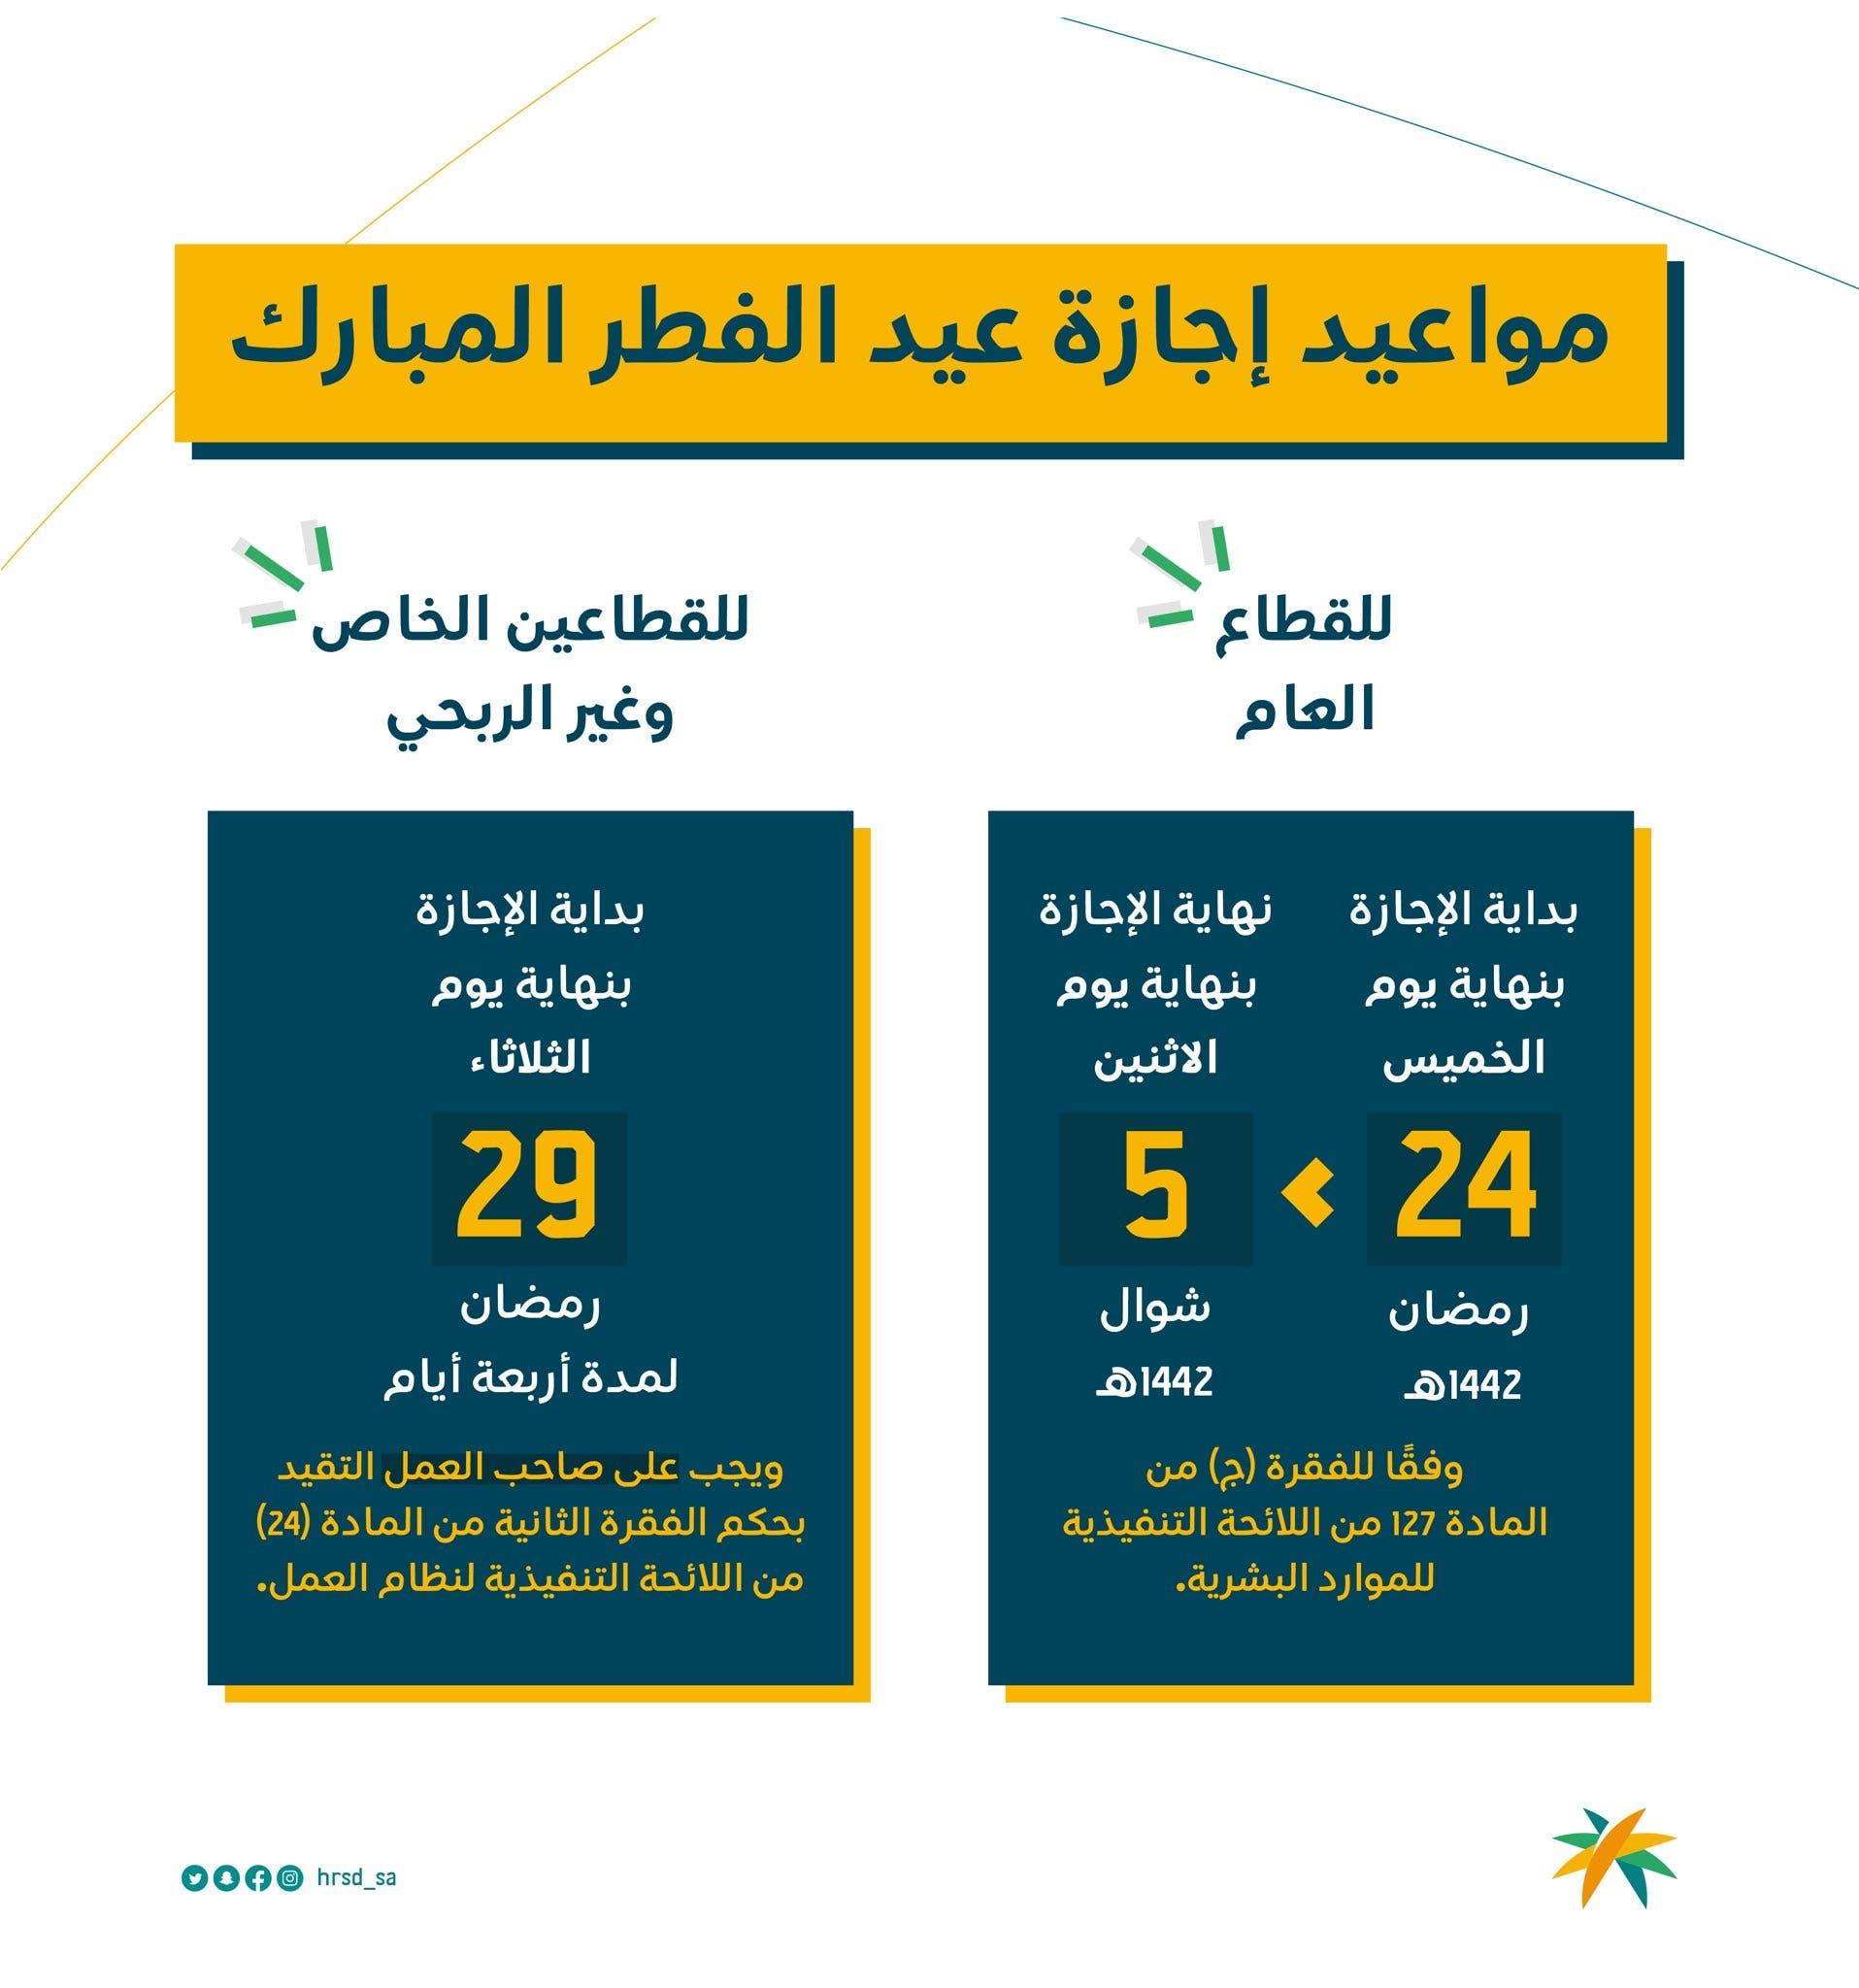 5 أيام .. موعد إجازة عيد الفطر 2021 للقطاعين العام والخاص في مصر والسعودية والدول العربية 6